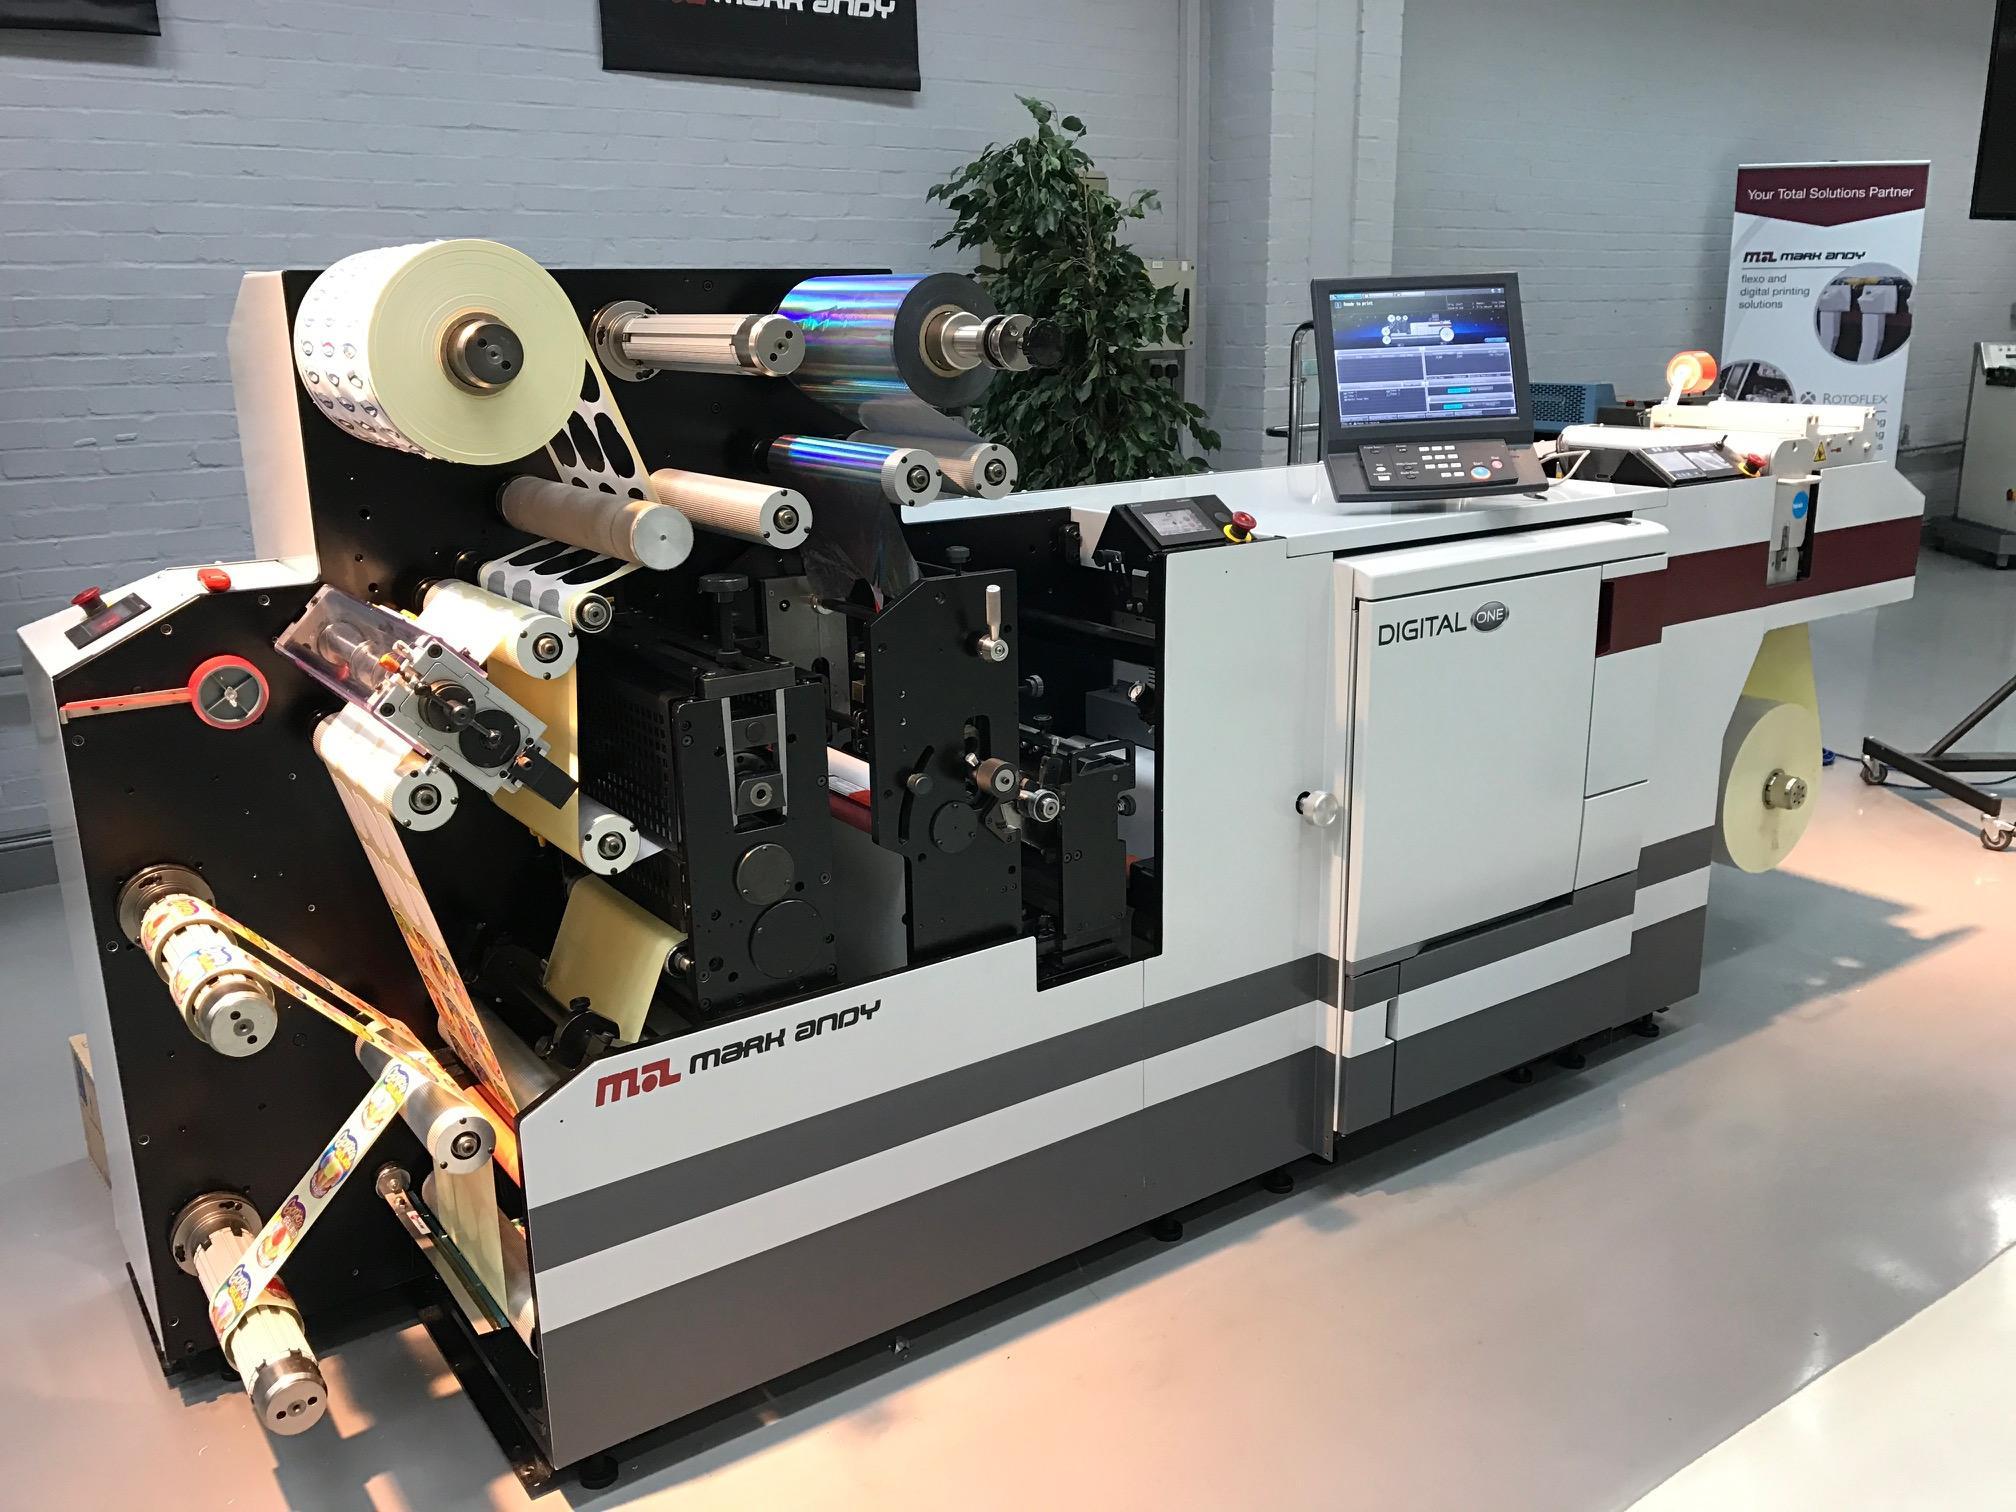 Custom Printed Products Brings Digital In-House